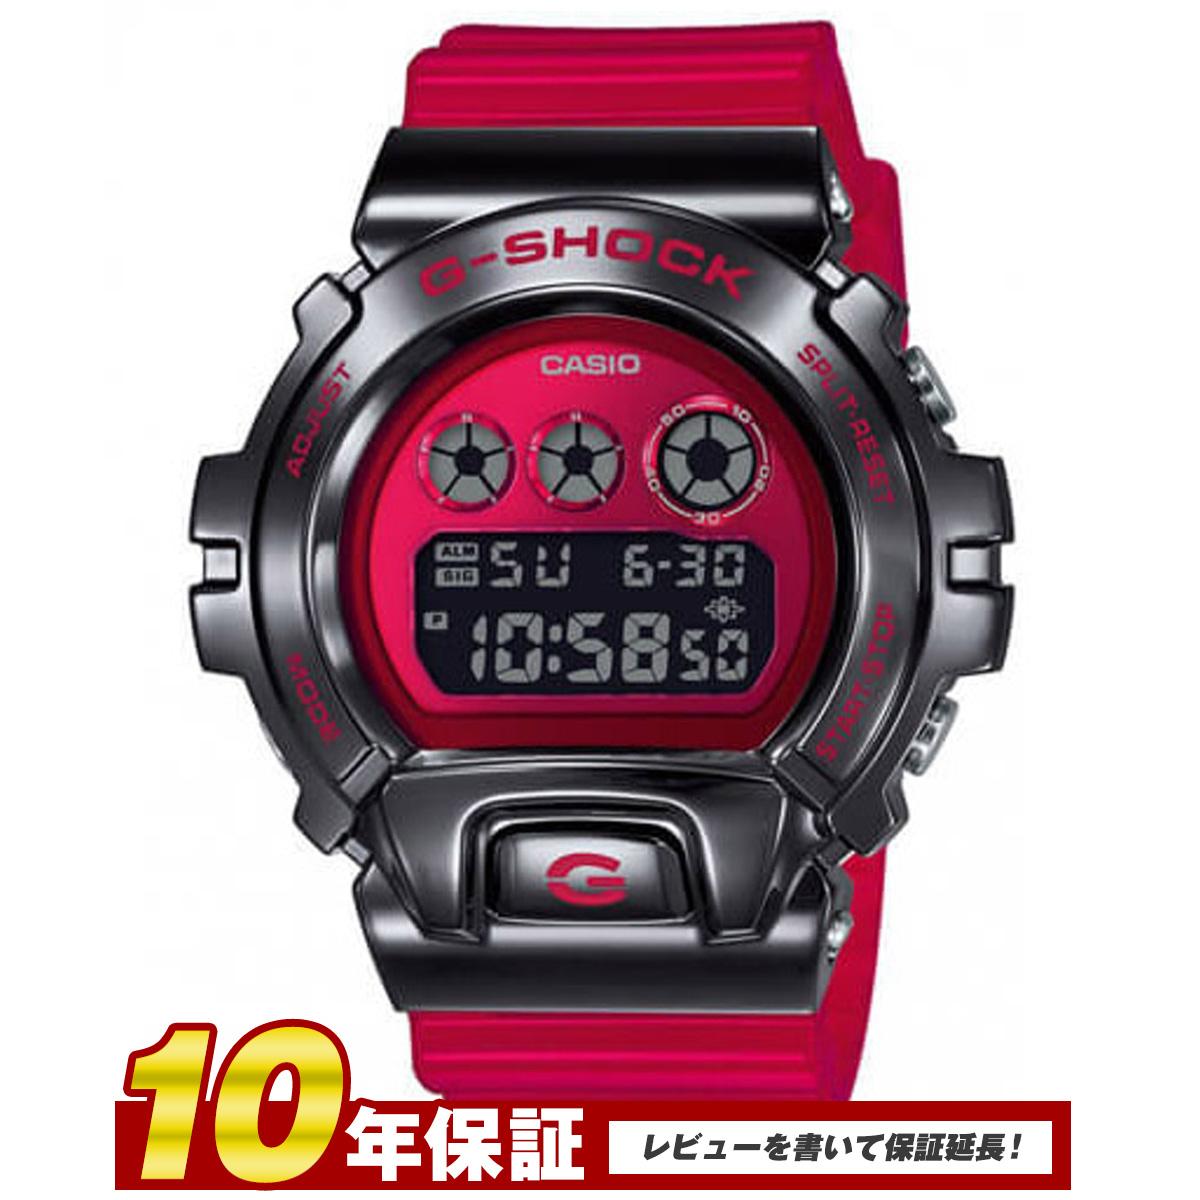 【全品送料無料】CASIO カシオカシオ G-SHOCK 腕時計 メンズ METAL COVERED メタルカバー ブラック レッド GM-6900B-4